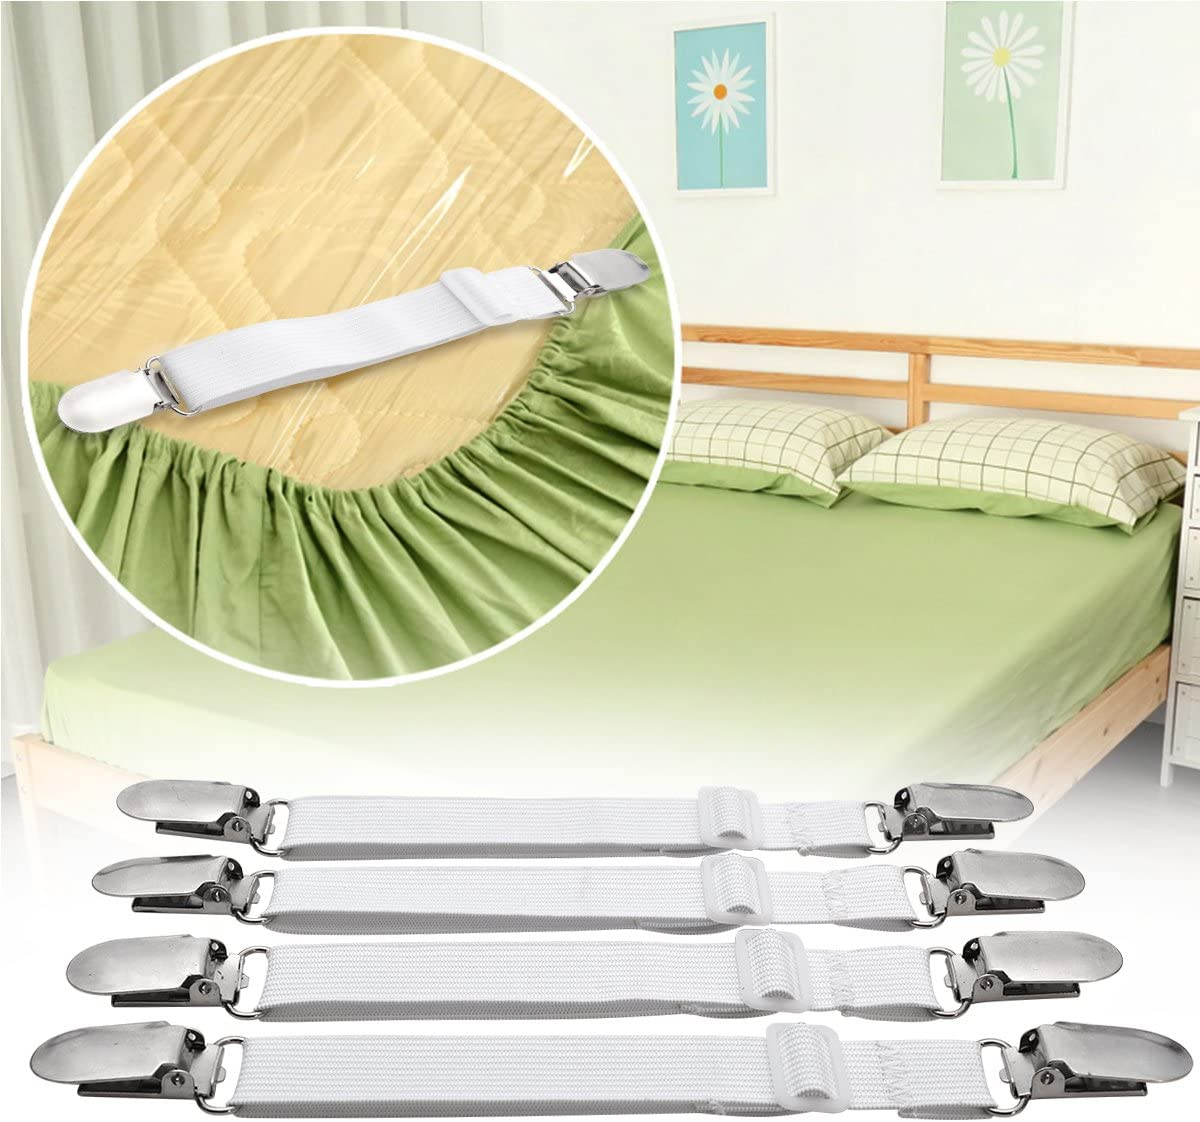 4pcs Adjustable Bed Sheet Corner Holder Elastic Straps Fasteners Clip new SL